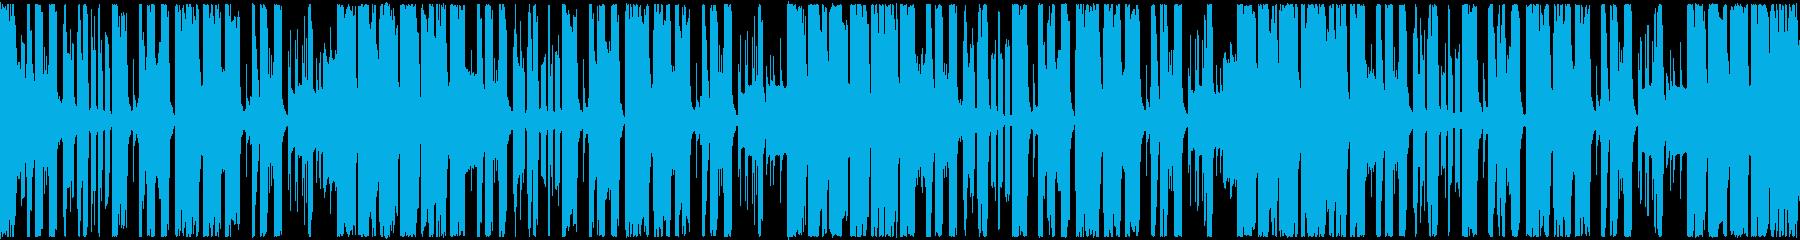 【ループ対応s】明るい楽しいポップEDMの再生済みの波形